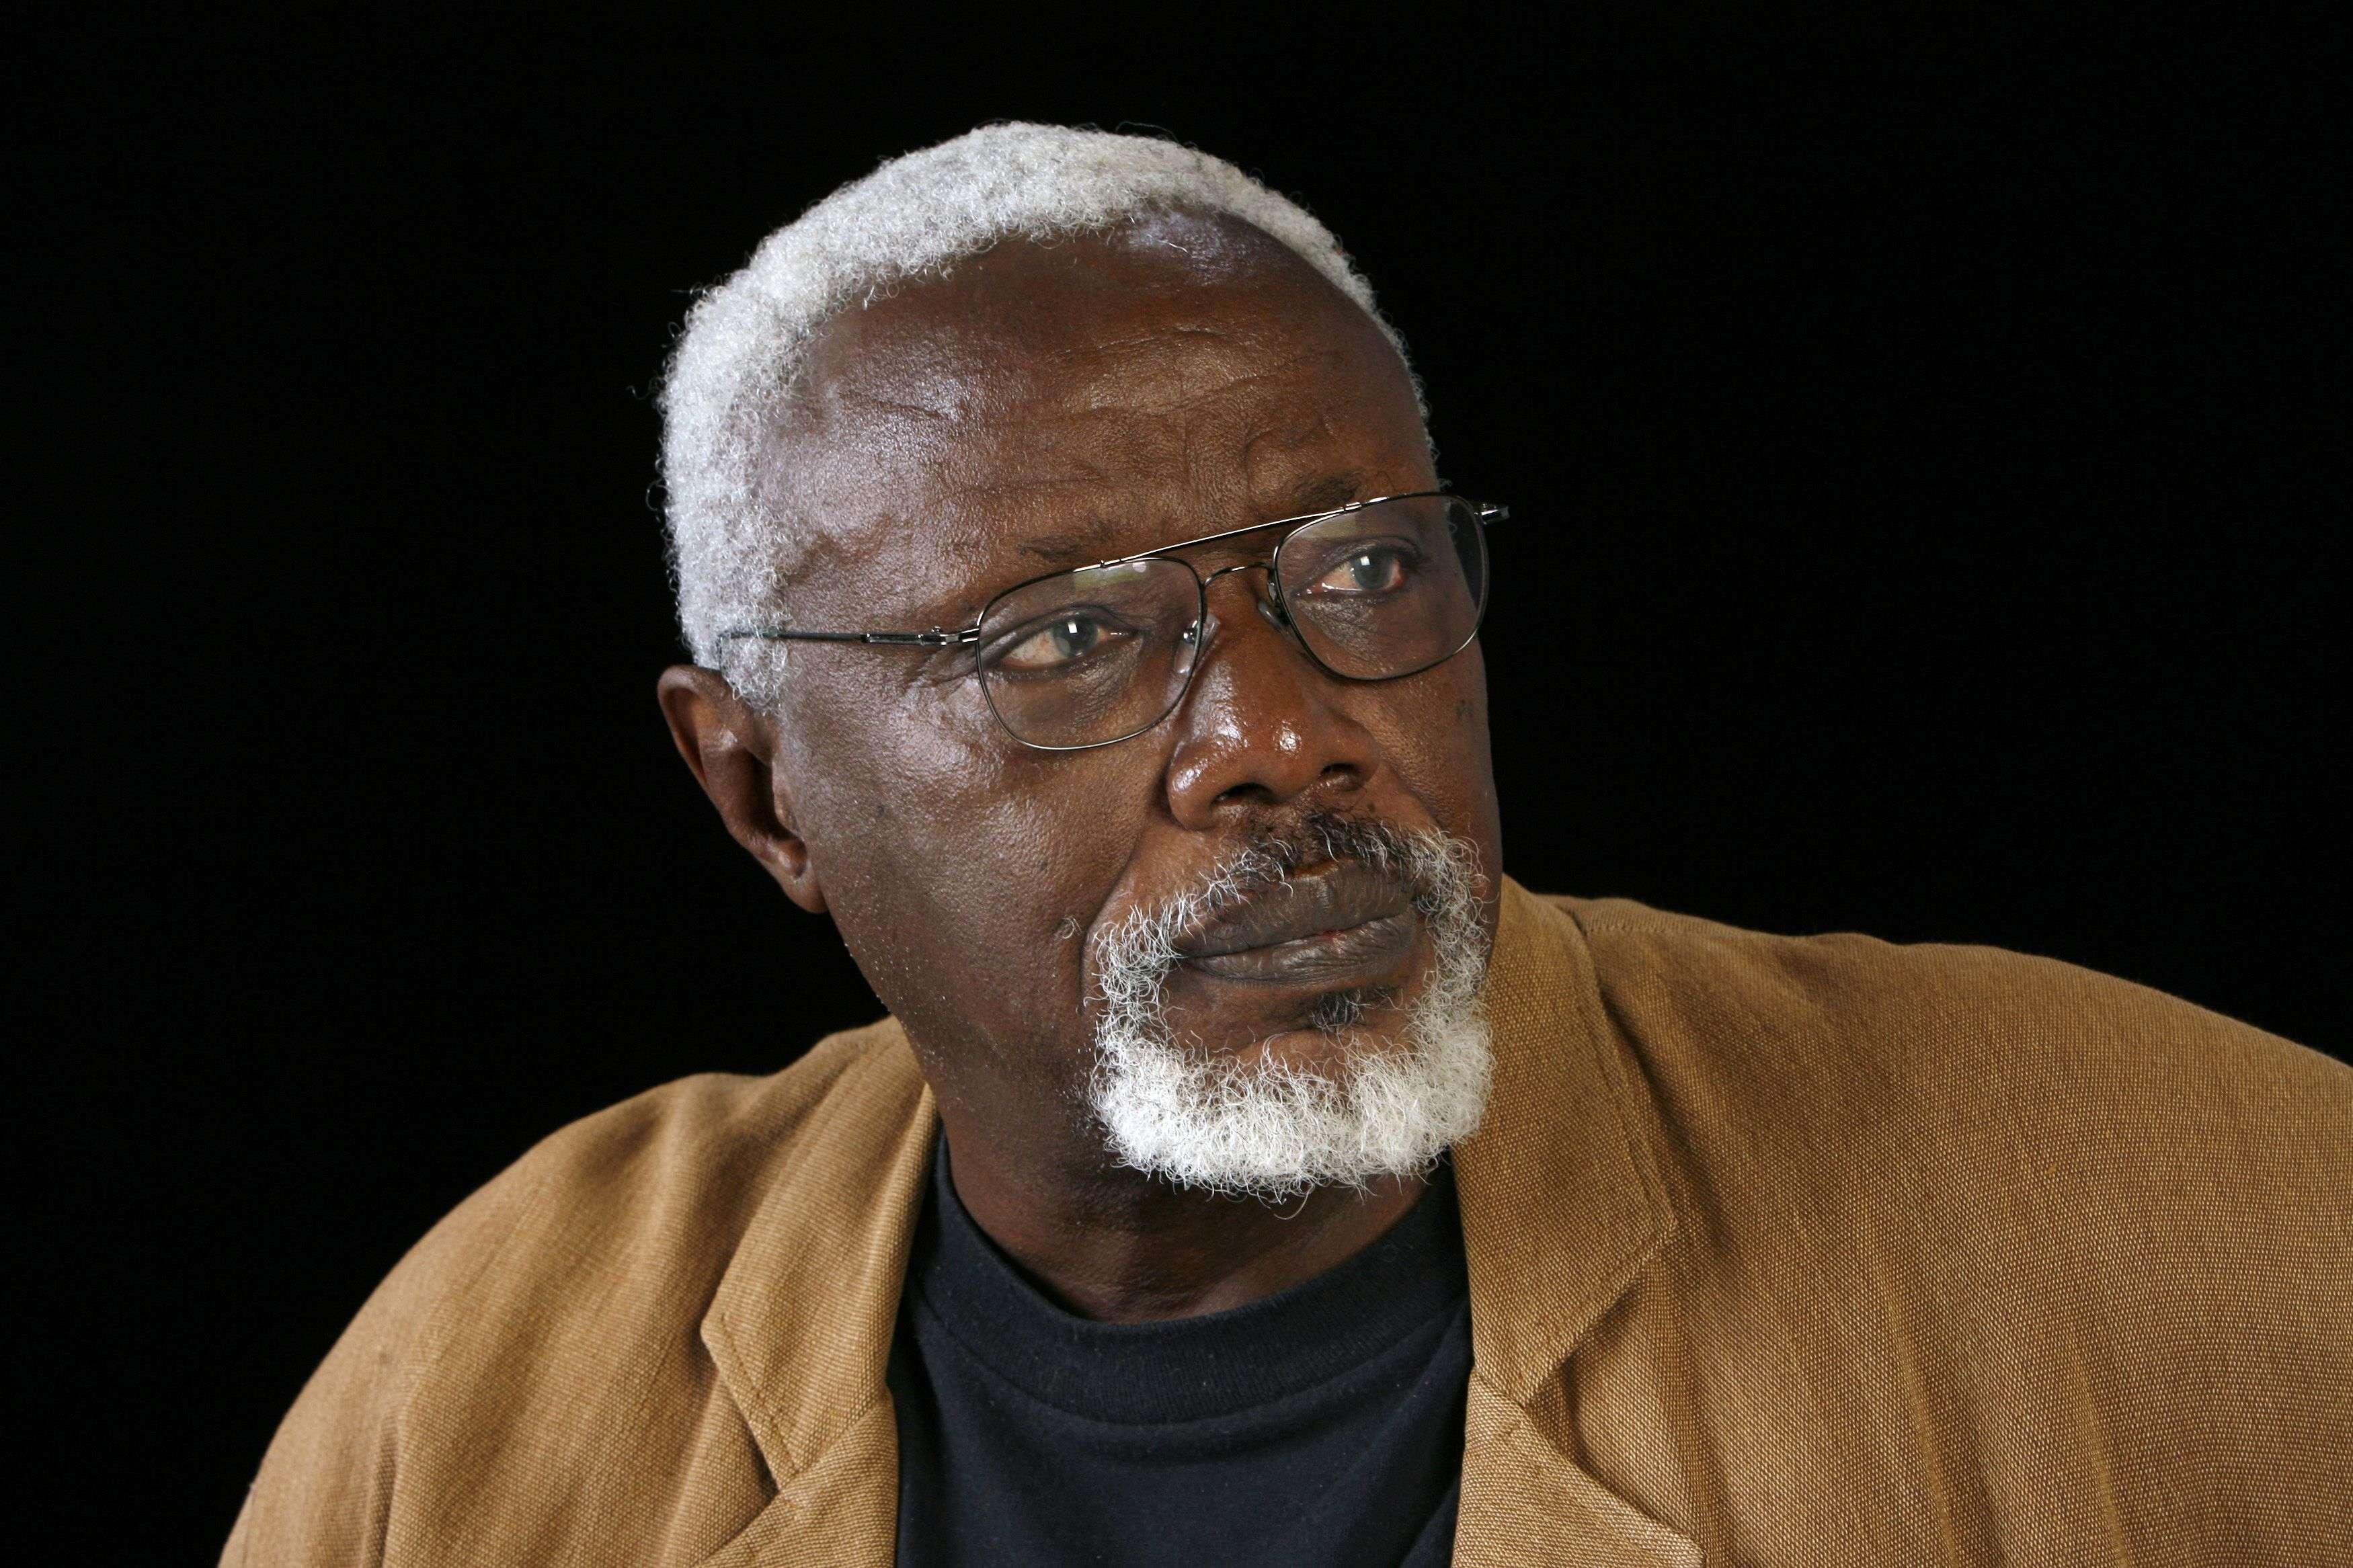 «Il emporte avec lui rêves et projets que son organisme trop fatigué n'a pas voulu suivre», a dit la famille d'Ousmane Sow en annonçant son décès à l'âge de 81 ans, jeudi 1erdécembre. Le sculpteur sénégalais avait fait ces derniers mois plusieurs séjours à l'hôpital, à Paris et à Dakar.